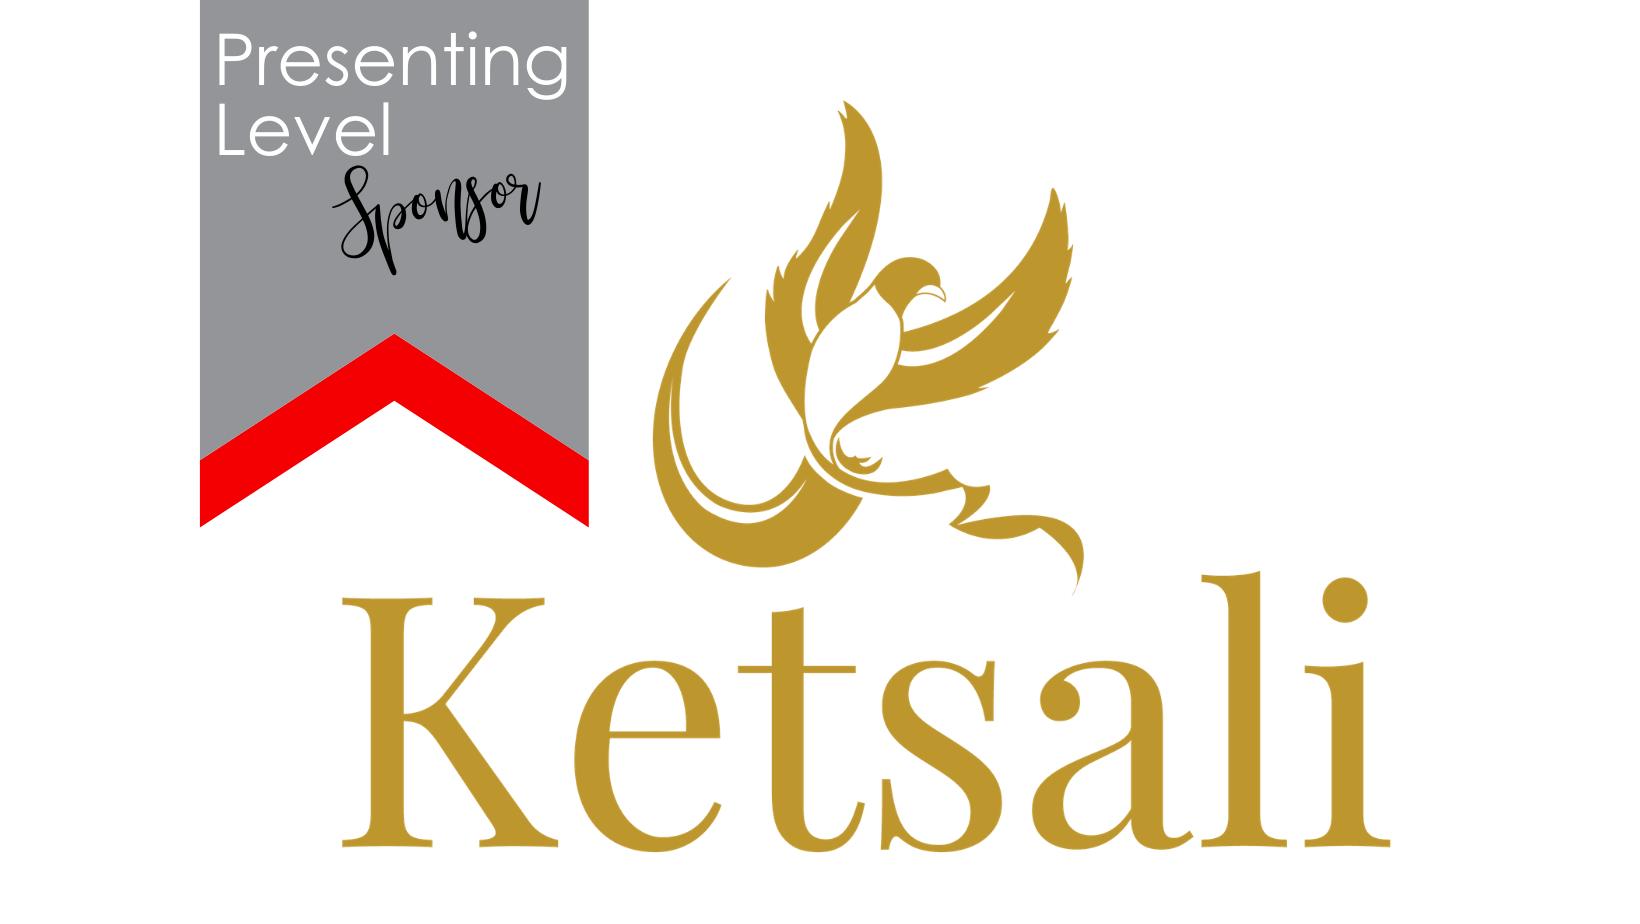 Ketsali Sponsoe banner